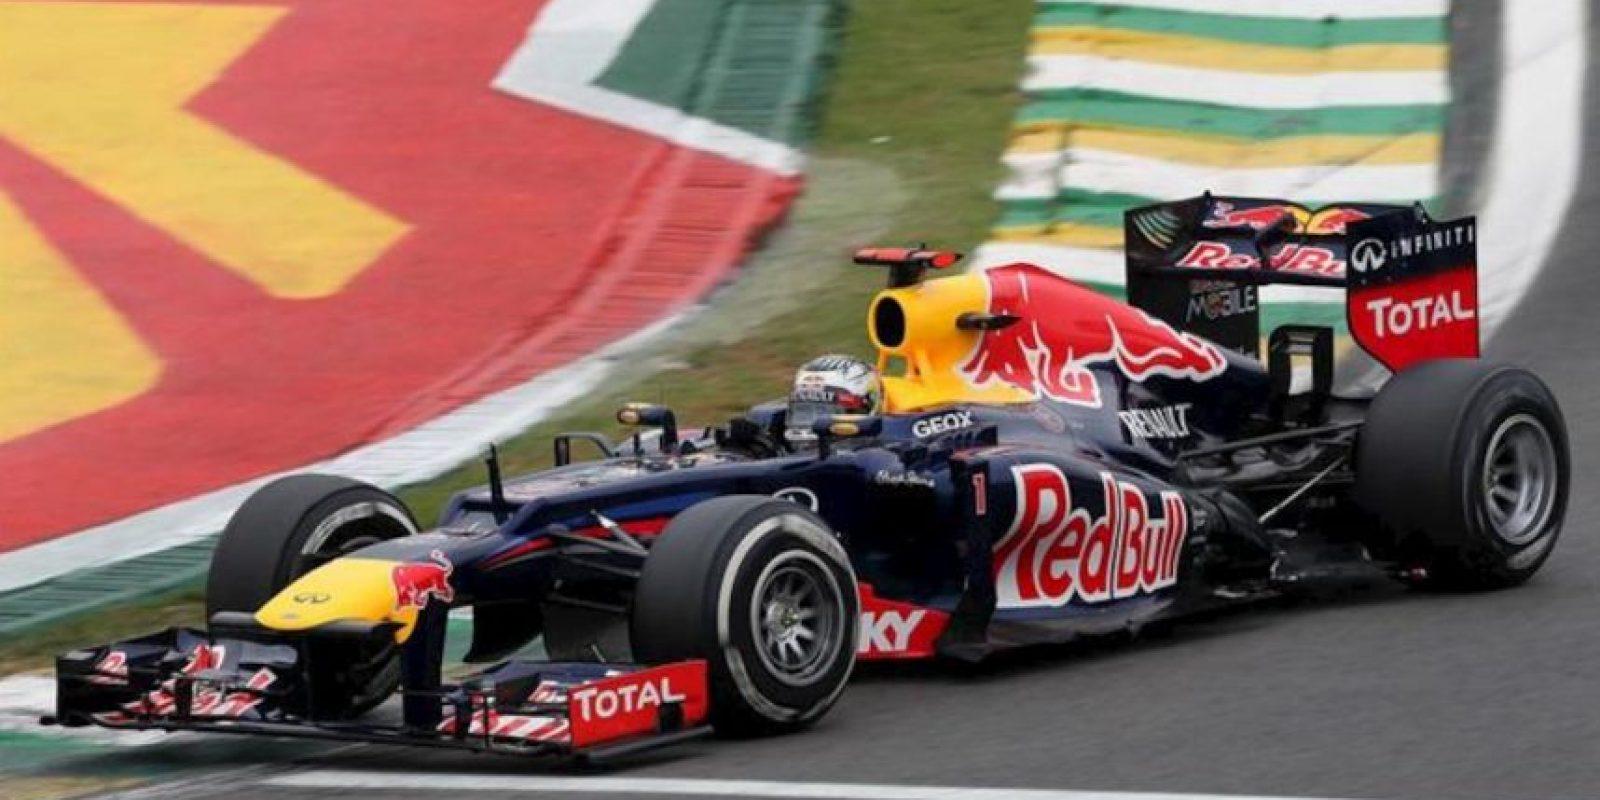 El piloto alemán Sebastian Vettel, de Red Bull, compite en el Gran Premio de Brasil, la última carrera del Mundial de Fórmula Uno, que se corre en el circuito de Interlagos de Sao Paulo. EFE